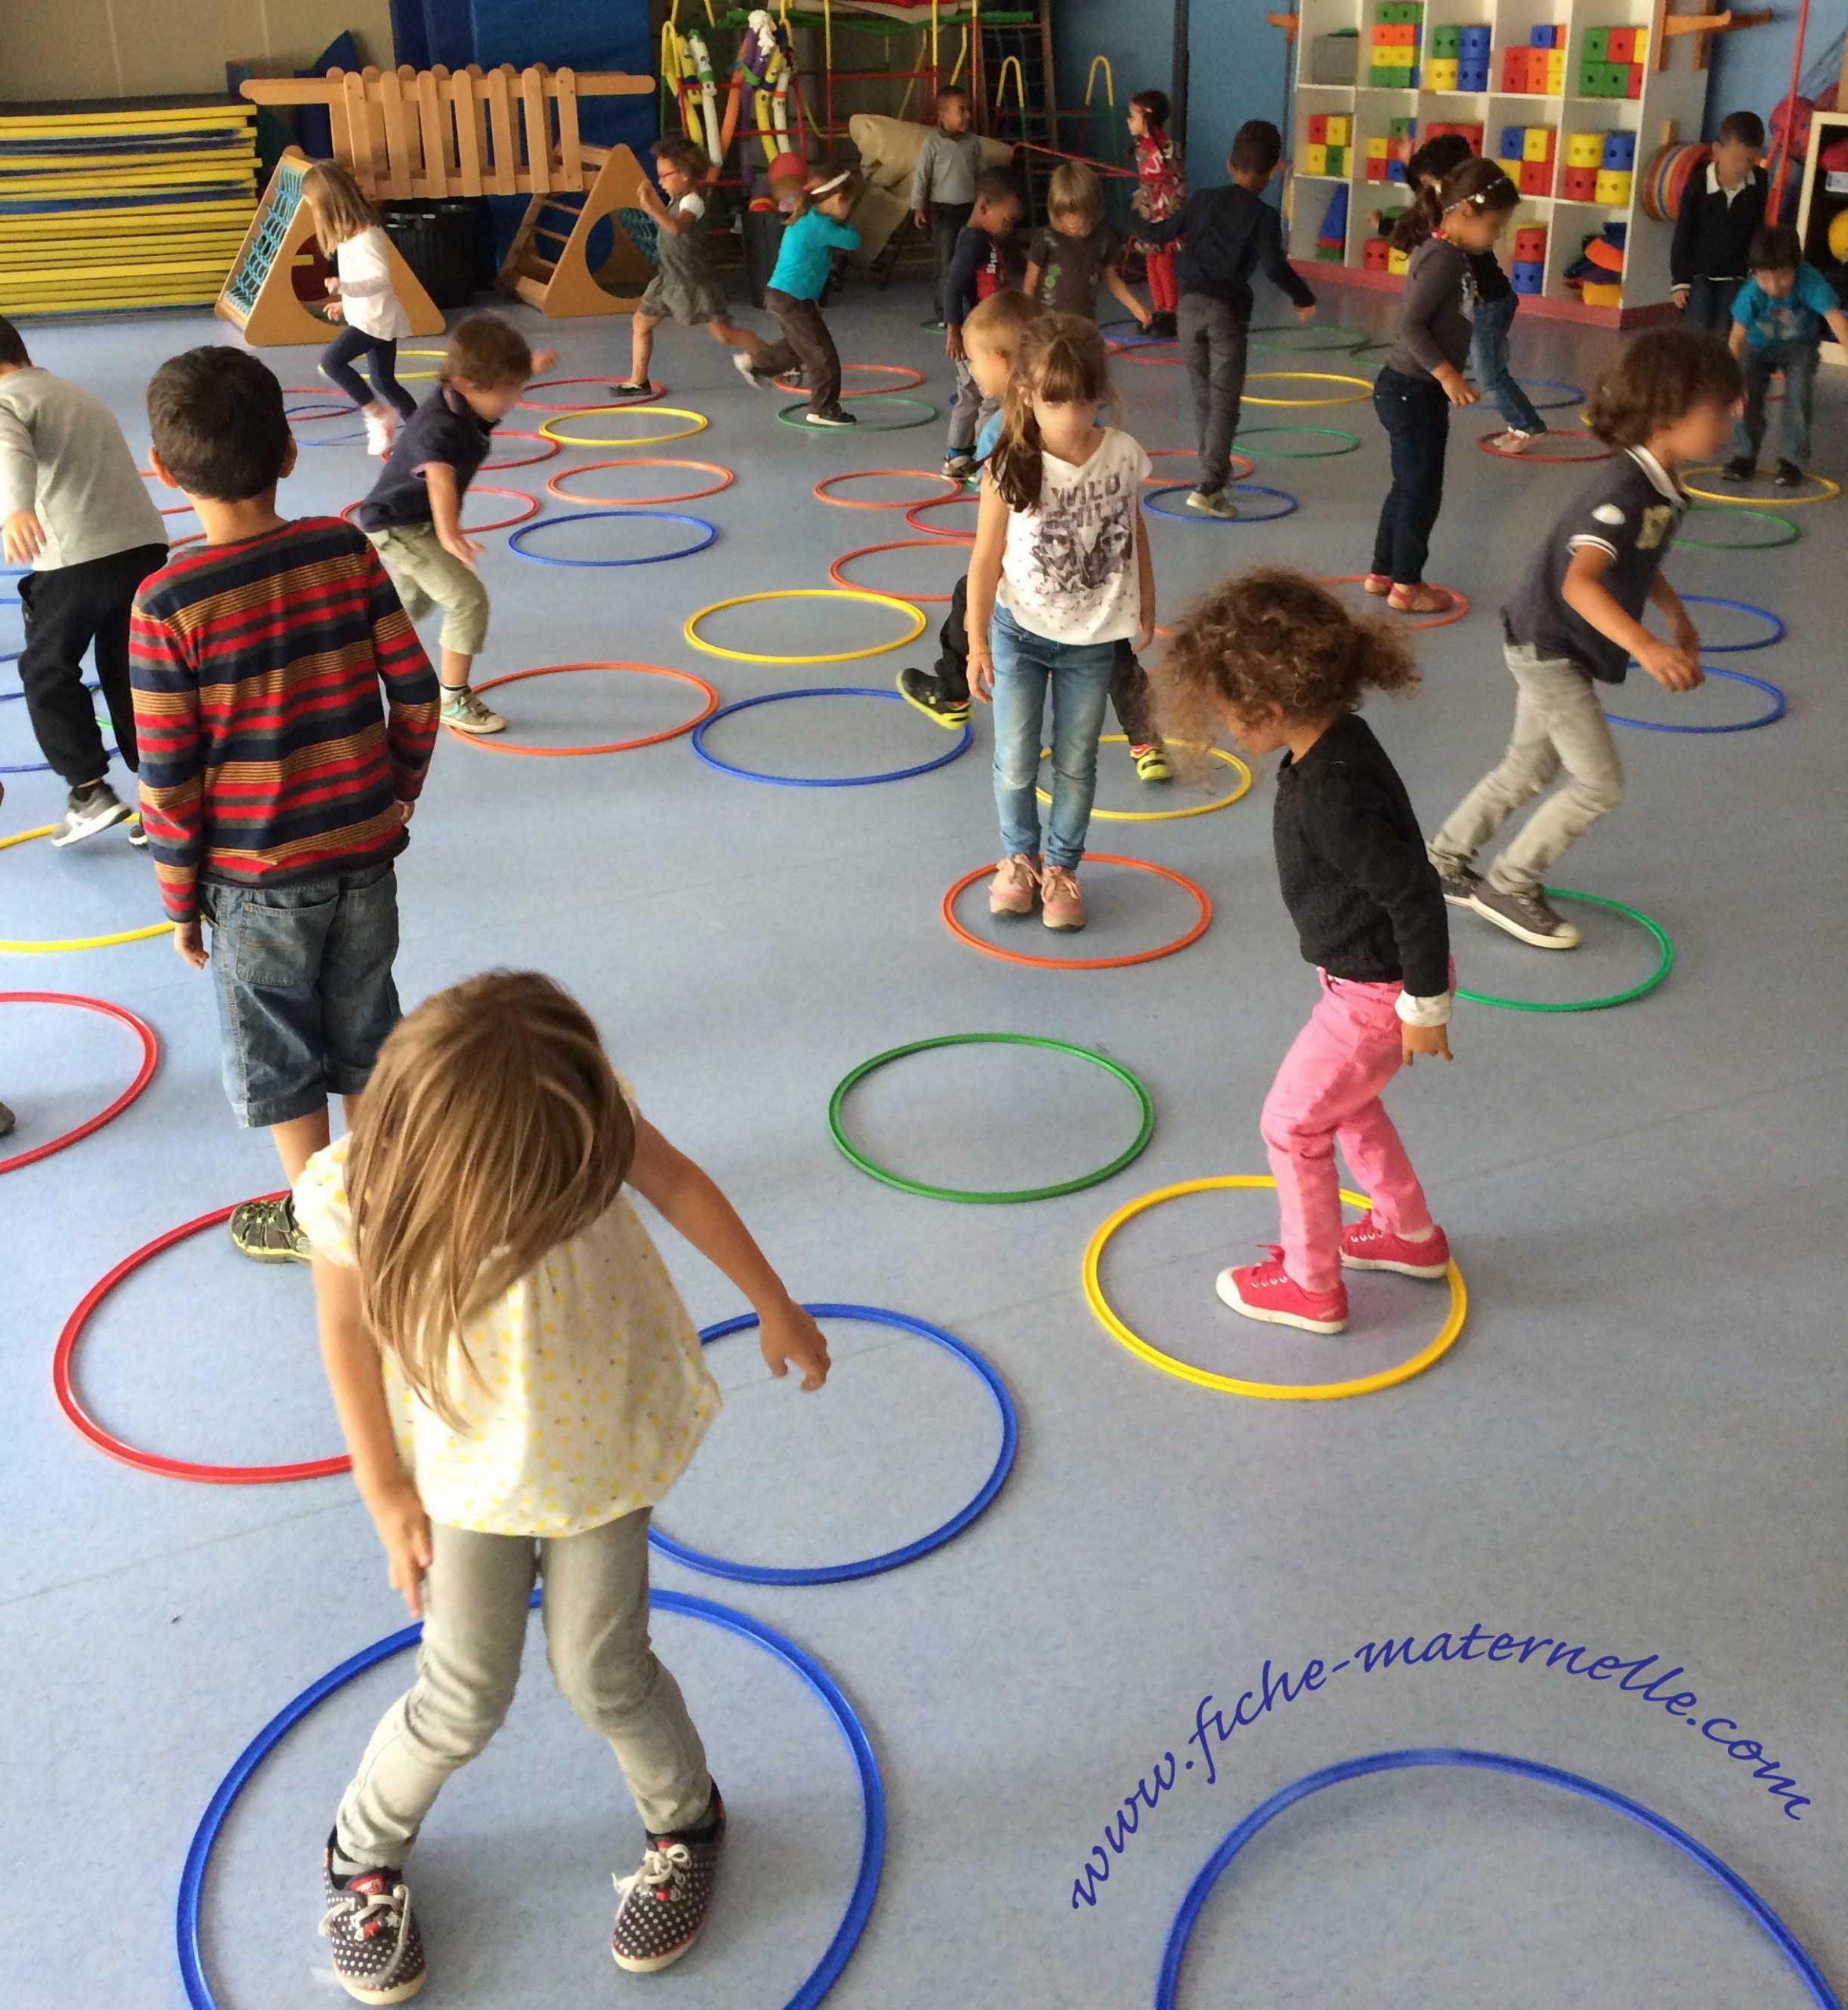 Dans La Salle De Jeu | Jeux Collectifs Maternelle, Motricité dedans Jeux Ludique Maternelle